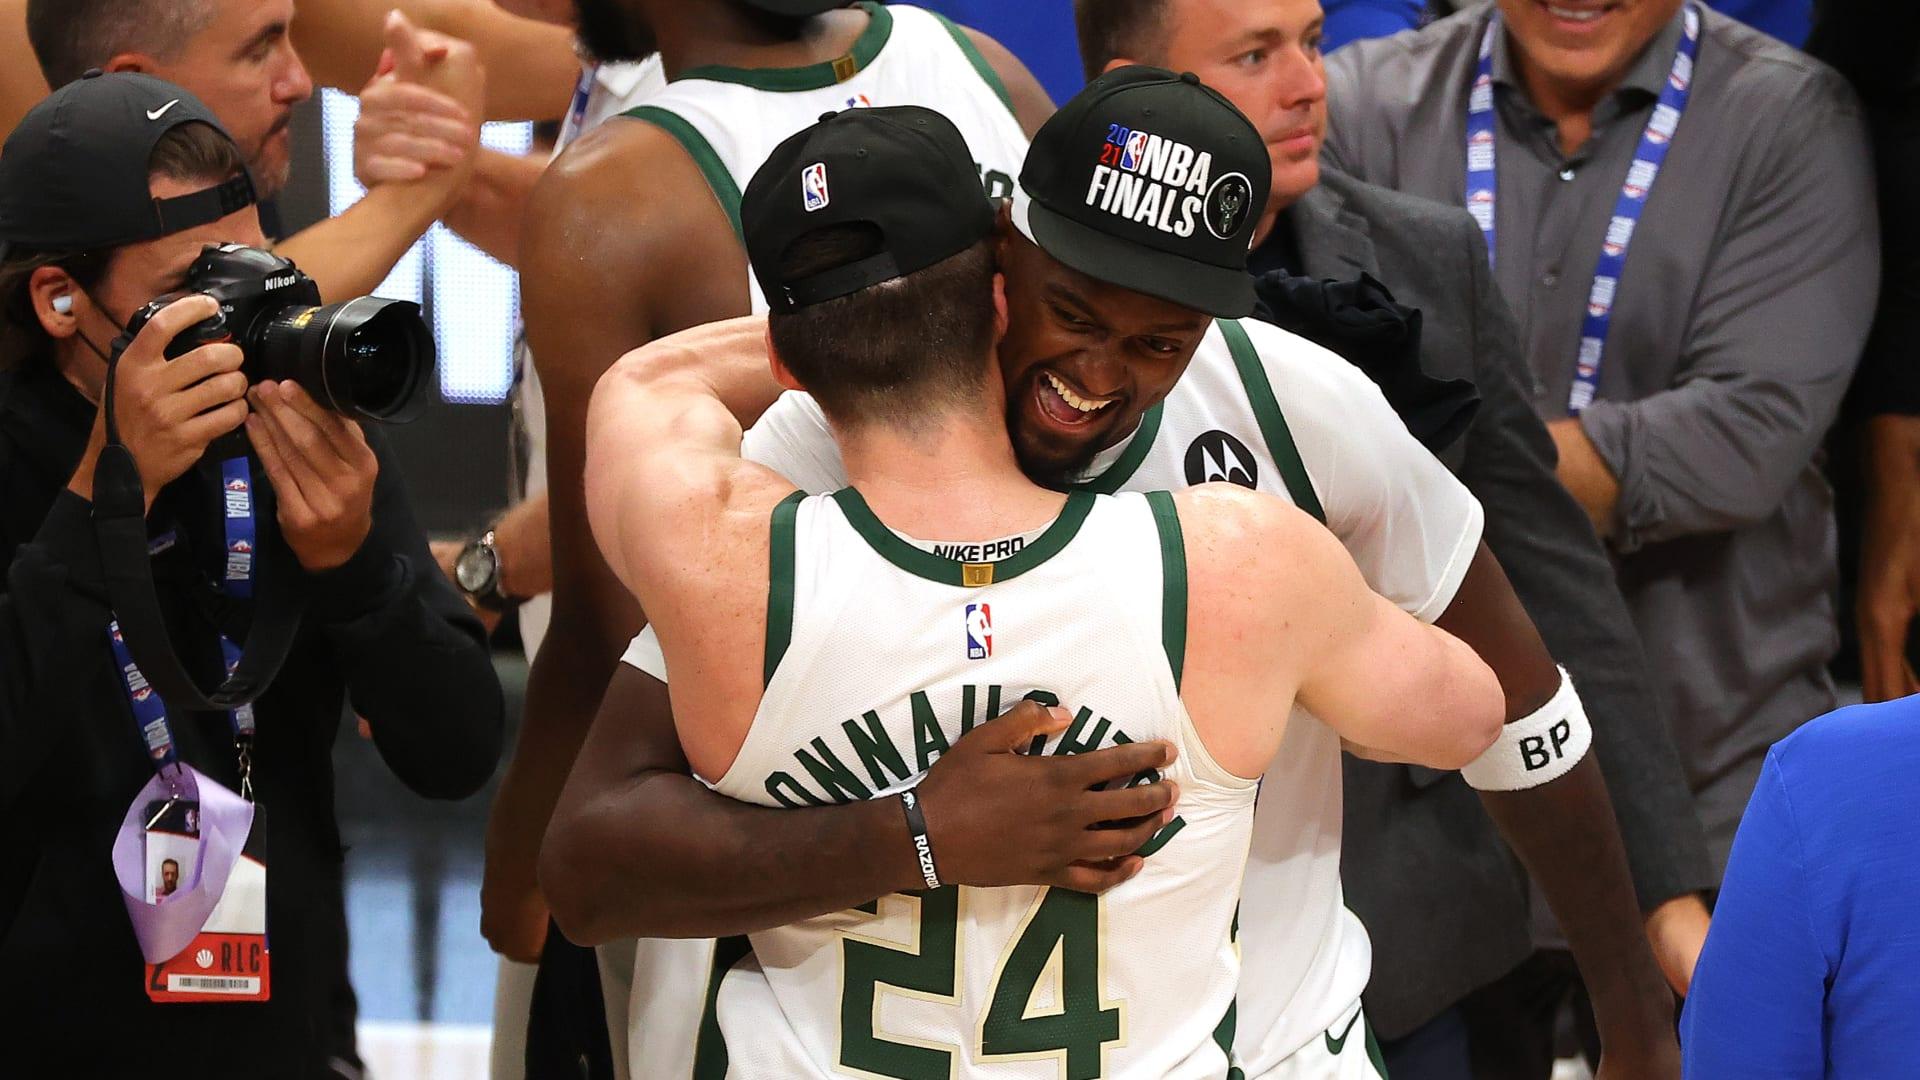 """ميلواكي باكس يصل نهائي الـ""""NBA"""" بعد غياب 47 عاما ويضرب موعدا مع الصنز"""